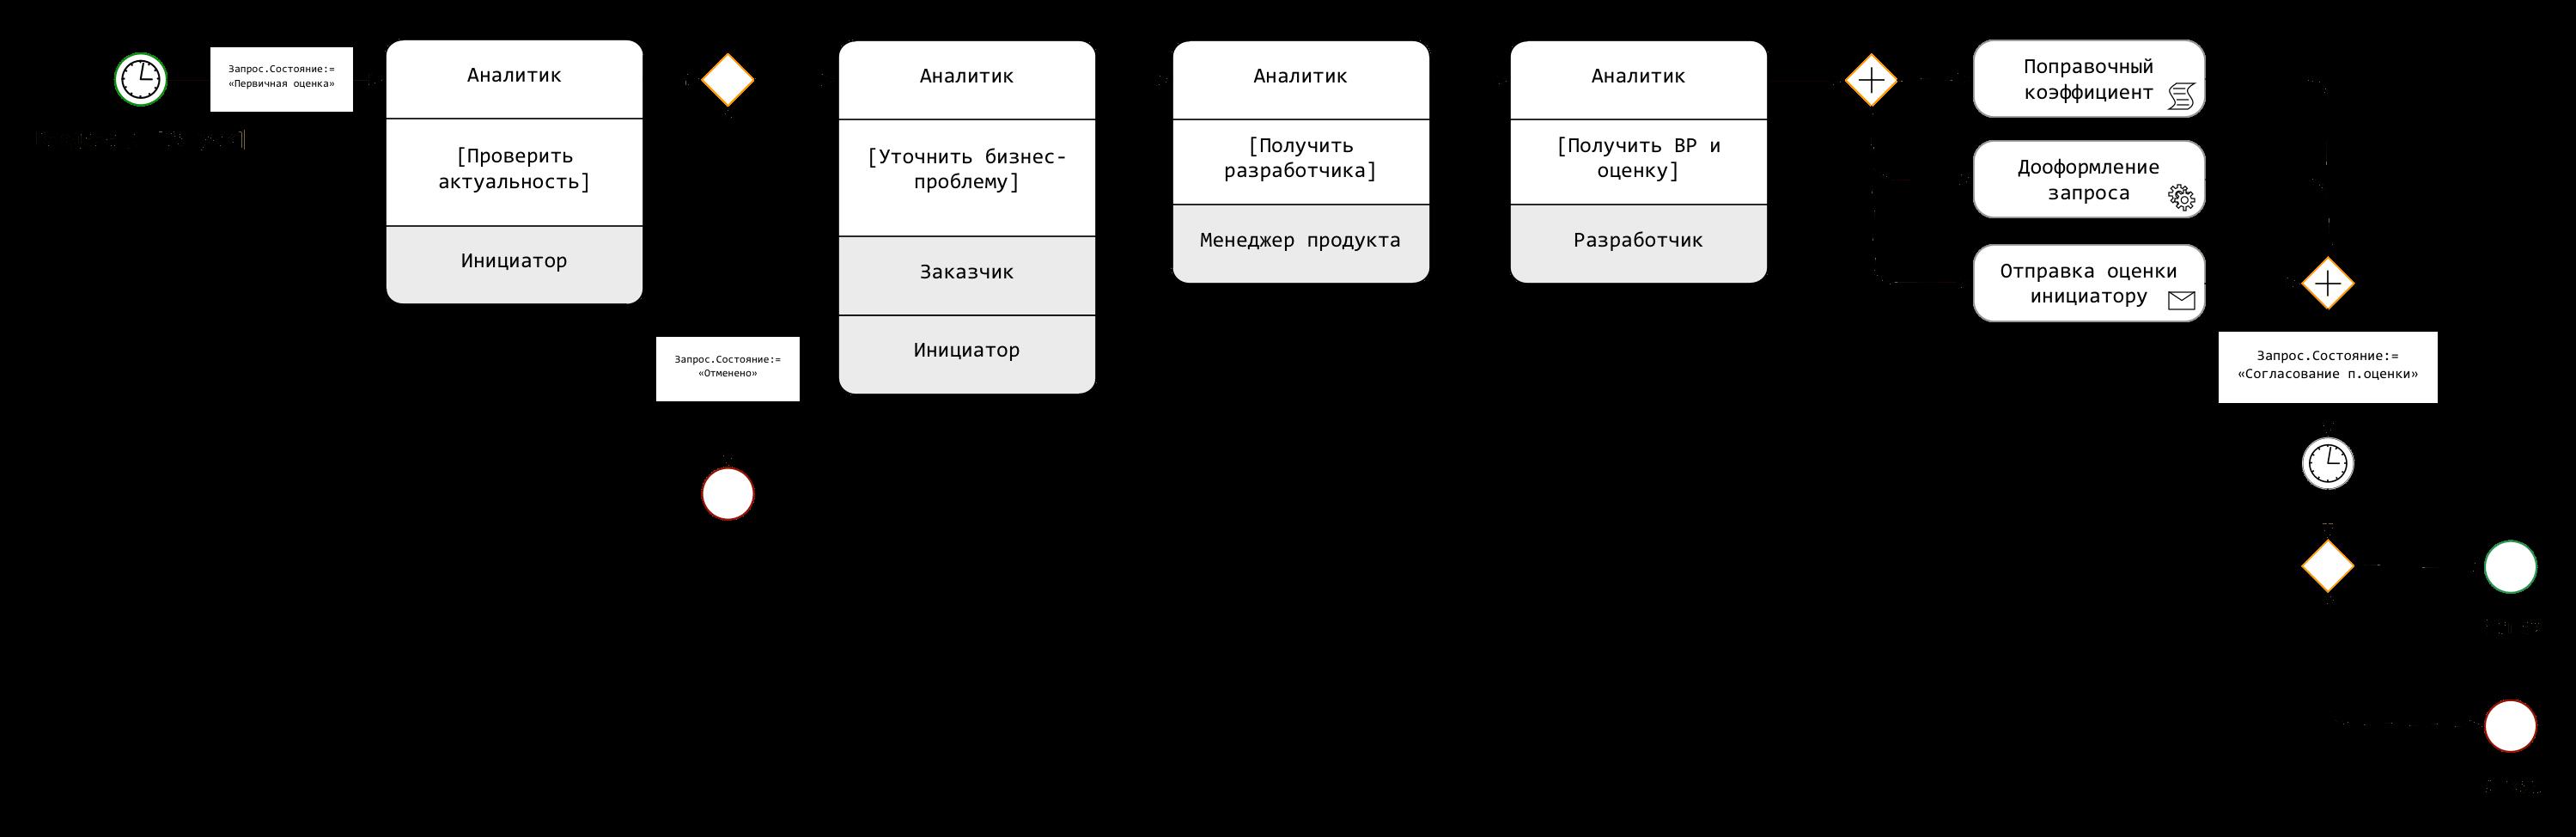 Бизнес-процесс BPMN